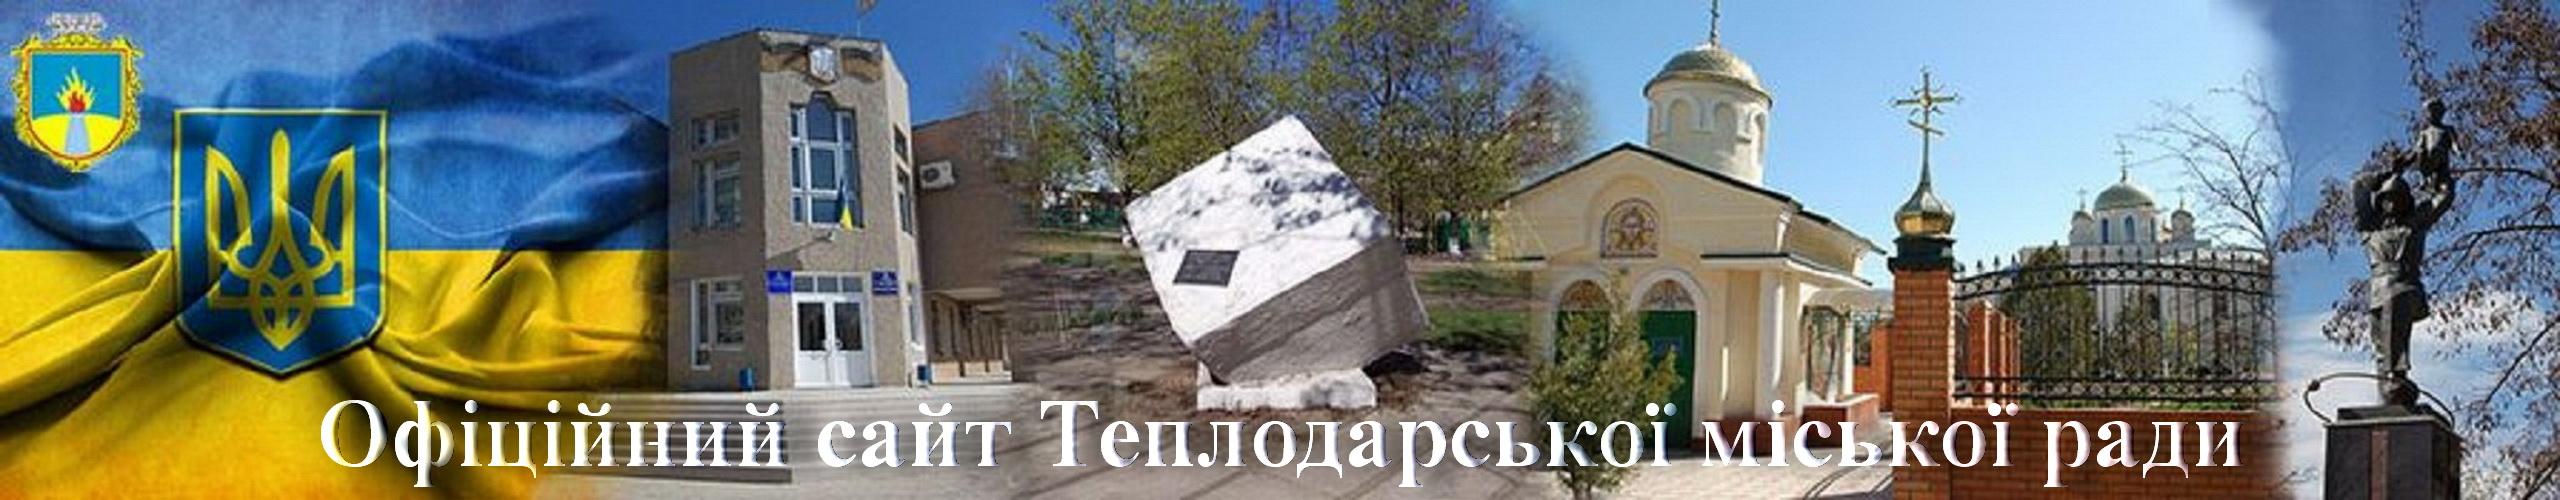 Офіційний веб-сайт Теплодарської міської ради